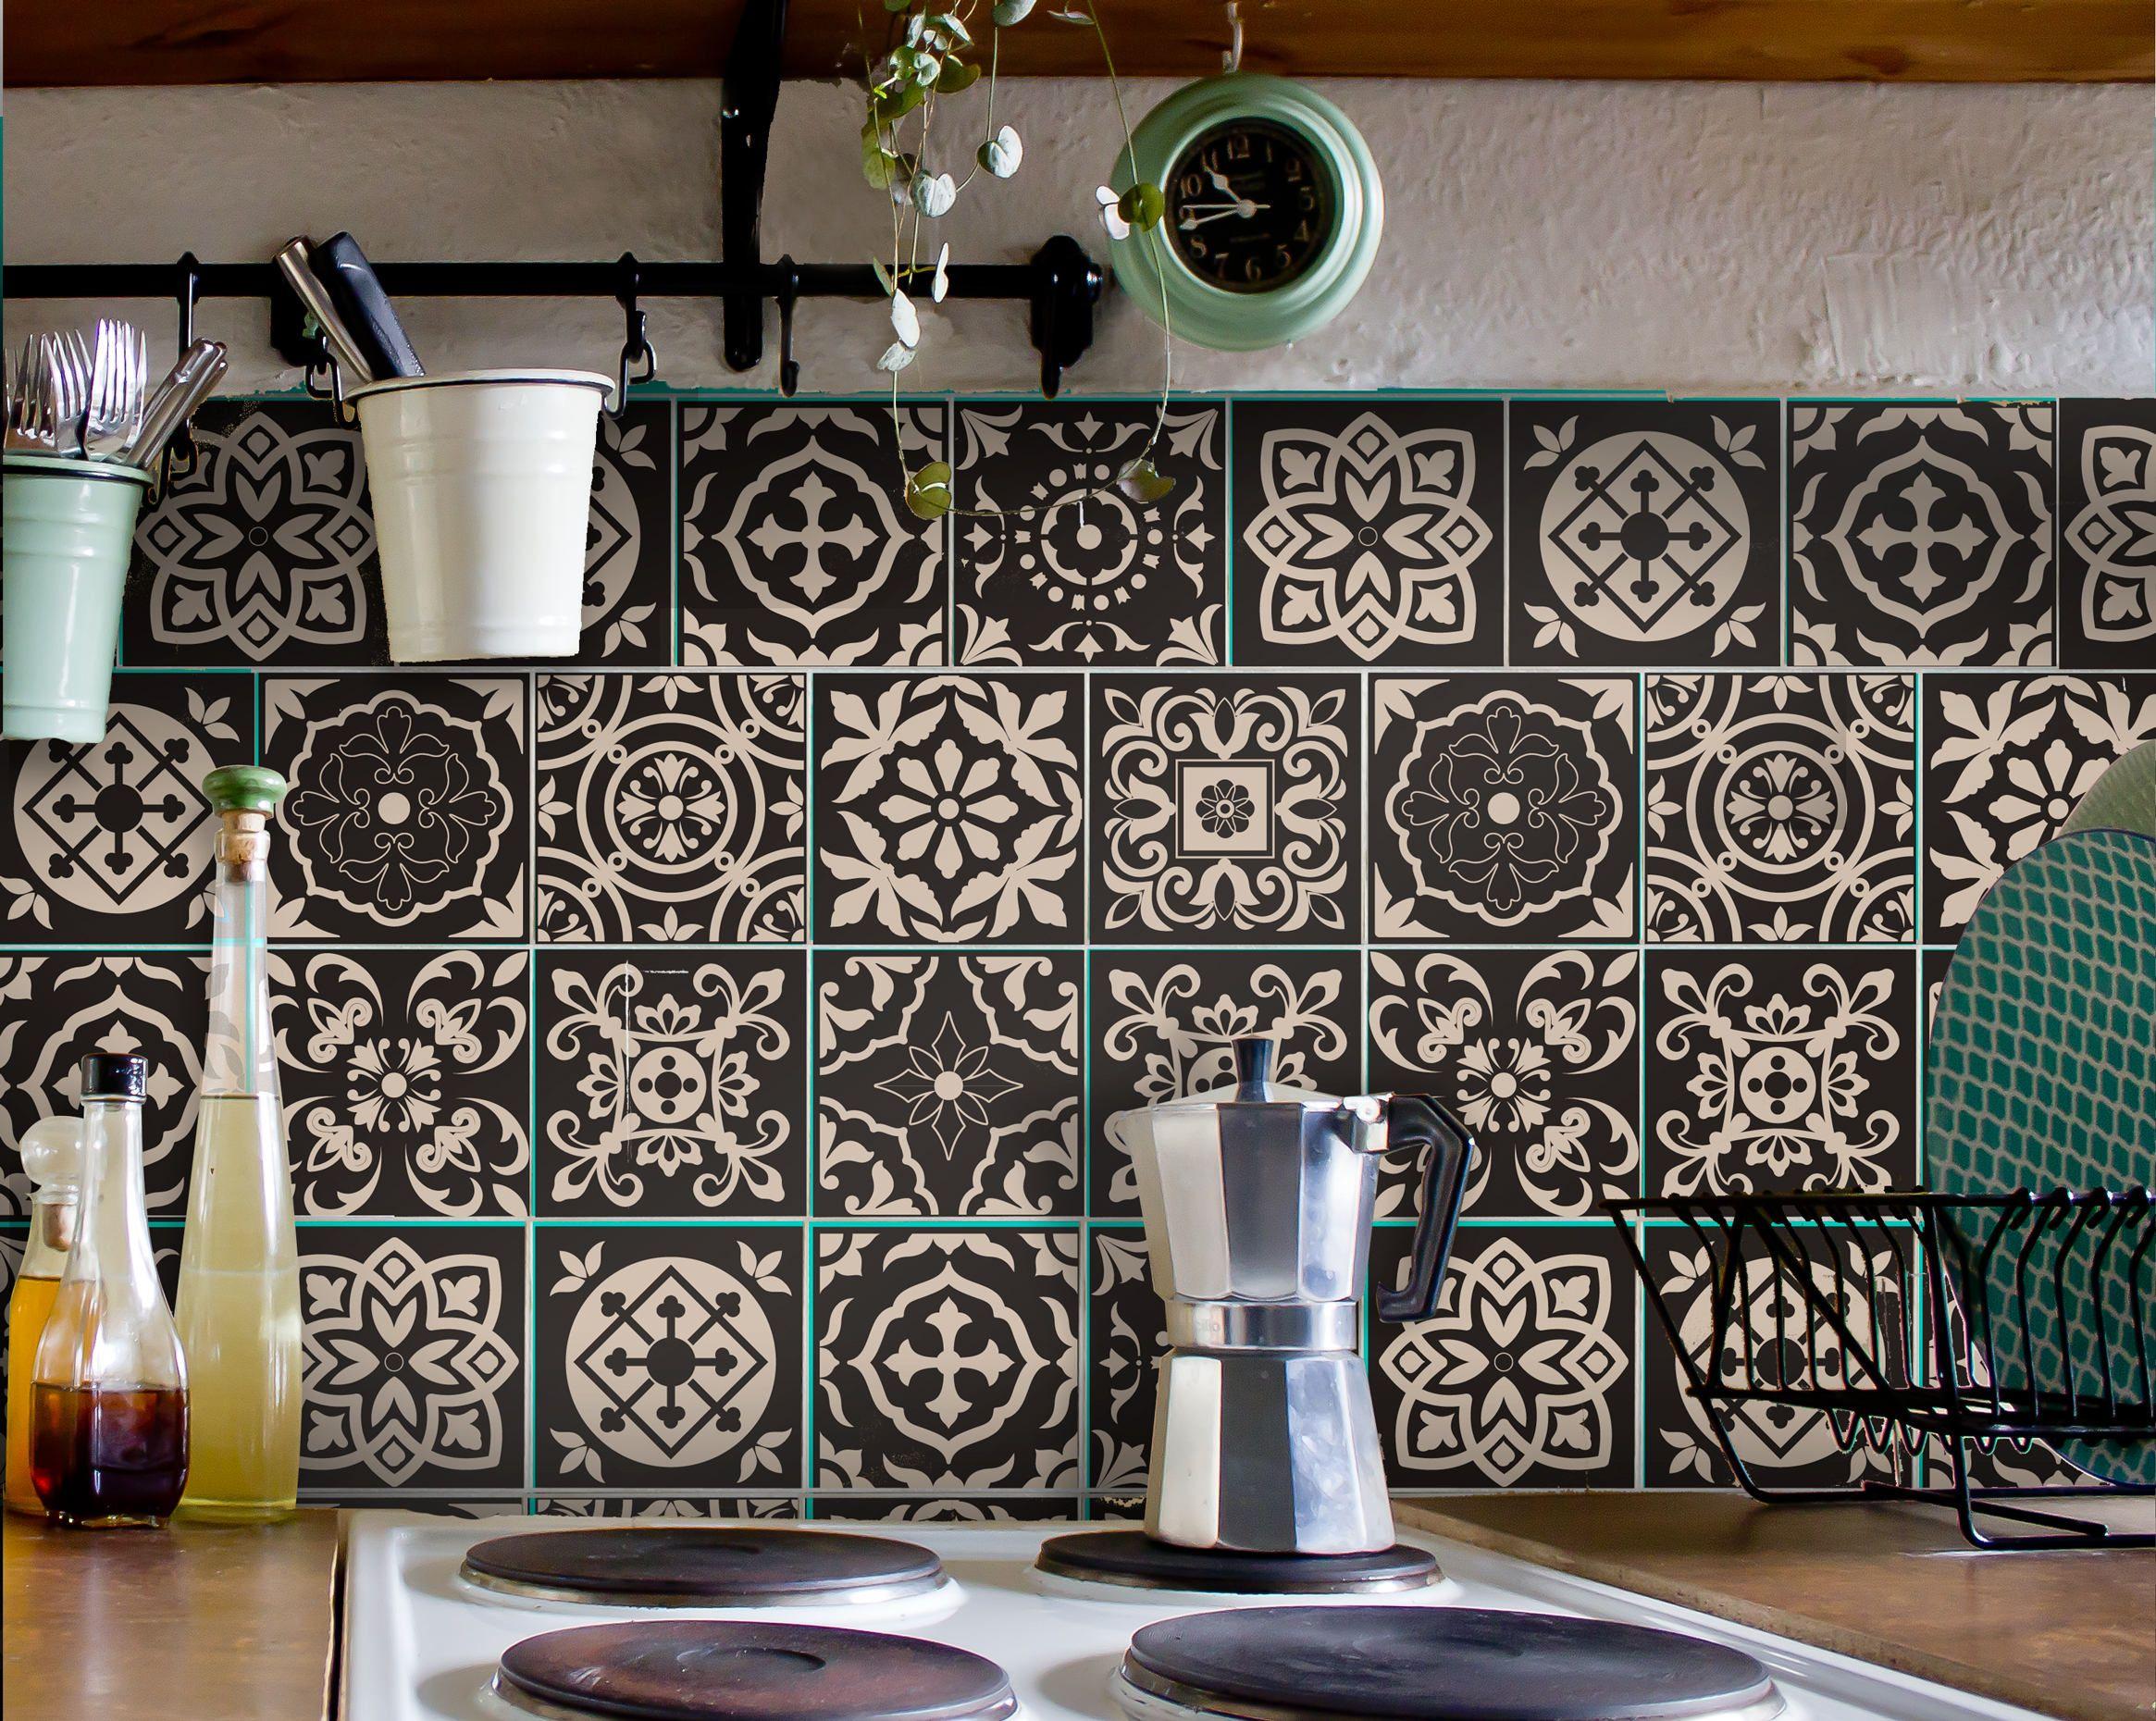 Küchenkacheln überkleben tile decals carrelage stickers kitchen bathroom portuguese set 12